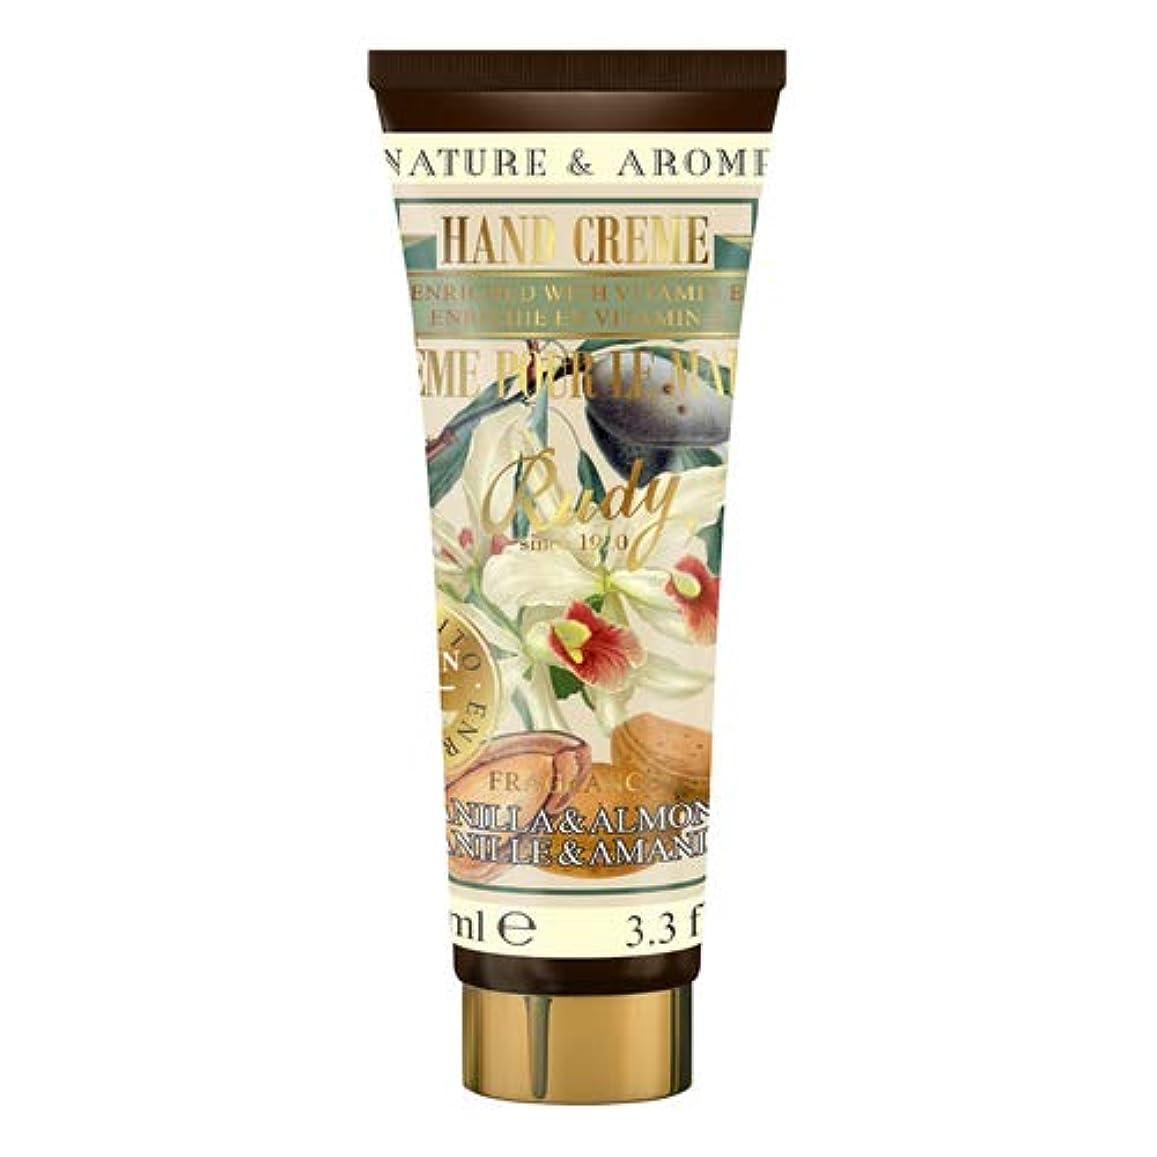 後継スラッシュ隠RUDY Nature&Arome Apothecary ネイチャーアロマ アポセカリー Hand Cream ハンドクリーム Vanilla & Almond バニラ&アーモンド